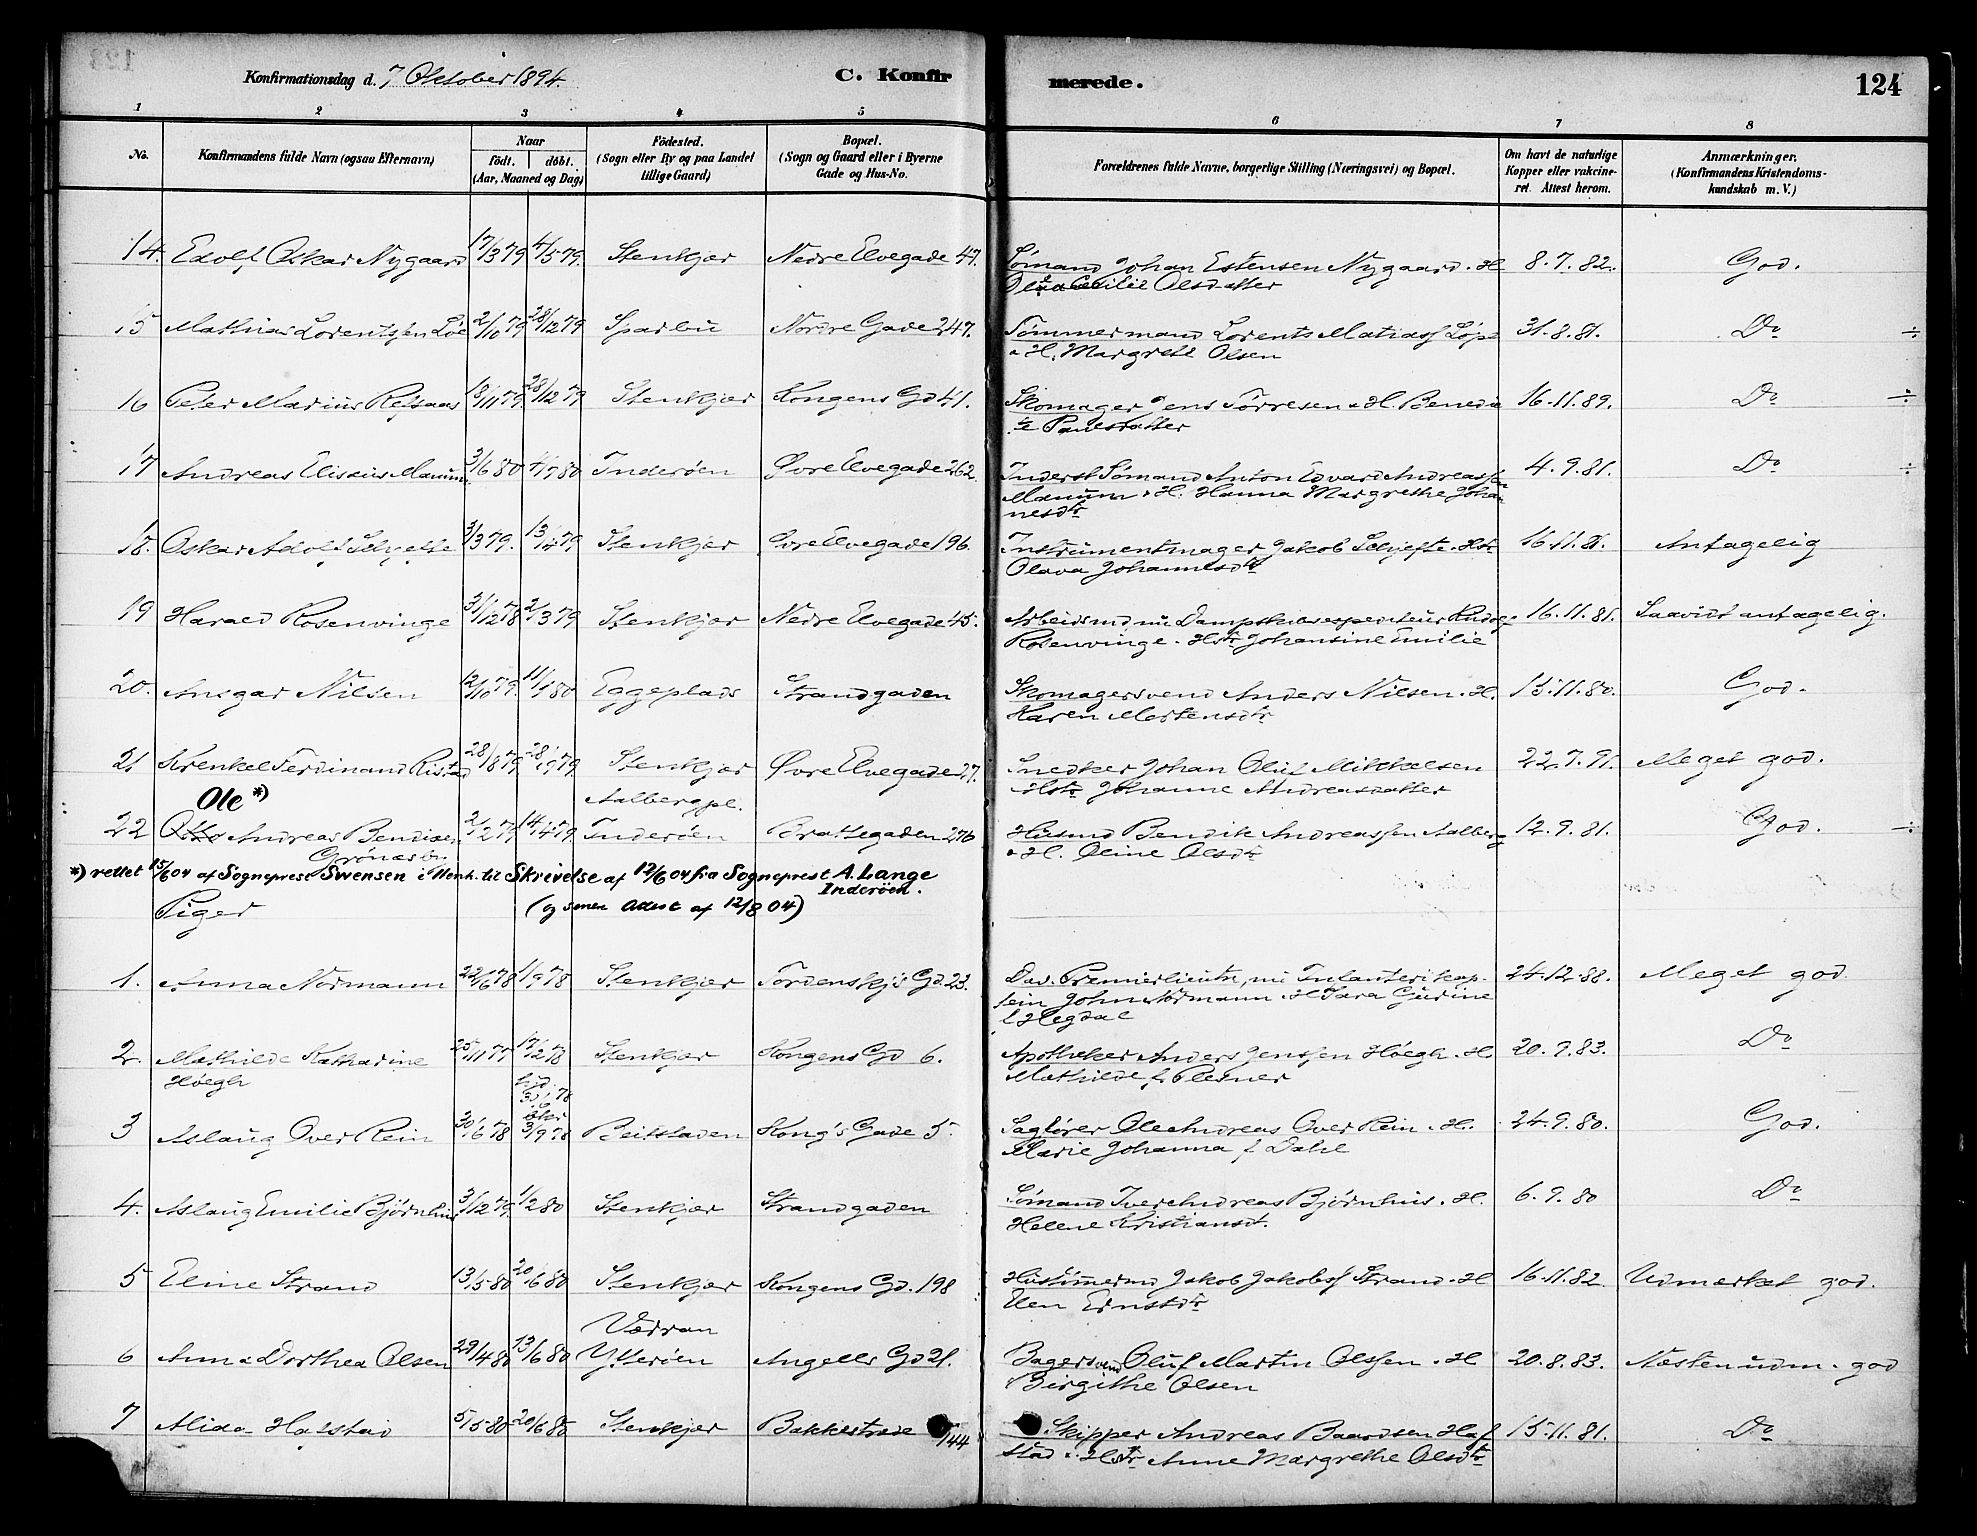 SAT, Ministerialprotokoller, klokkerbøker og fødselsregistre - Nord-Trøndelag, 739/L0371: Ministerialbok nr. 739A03, 1881-1895, s. 124